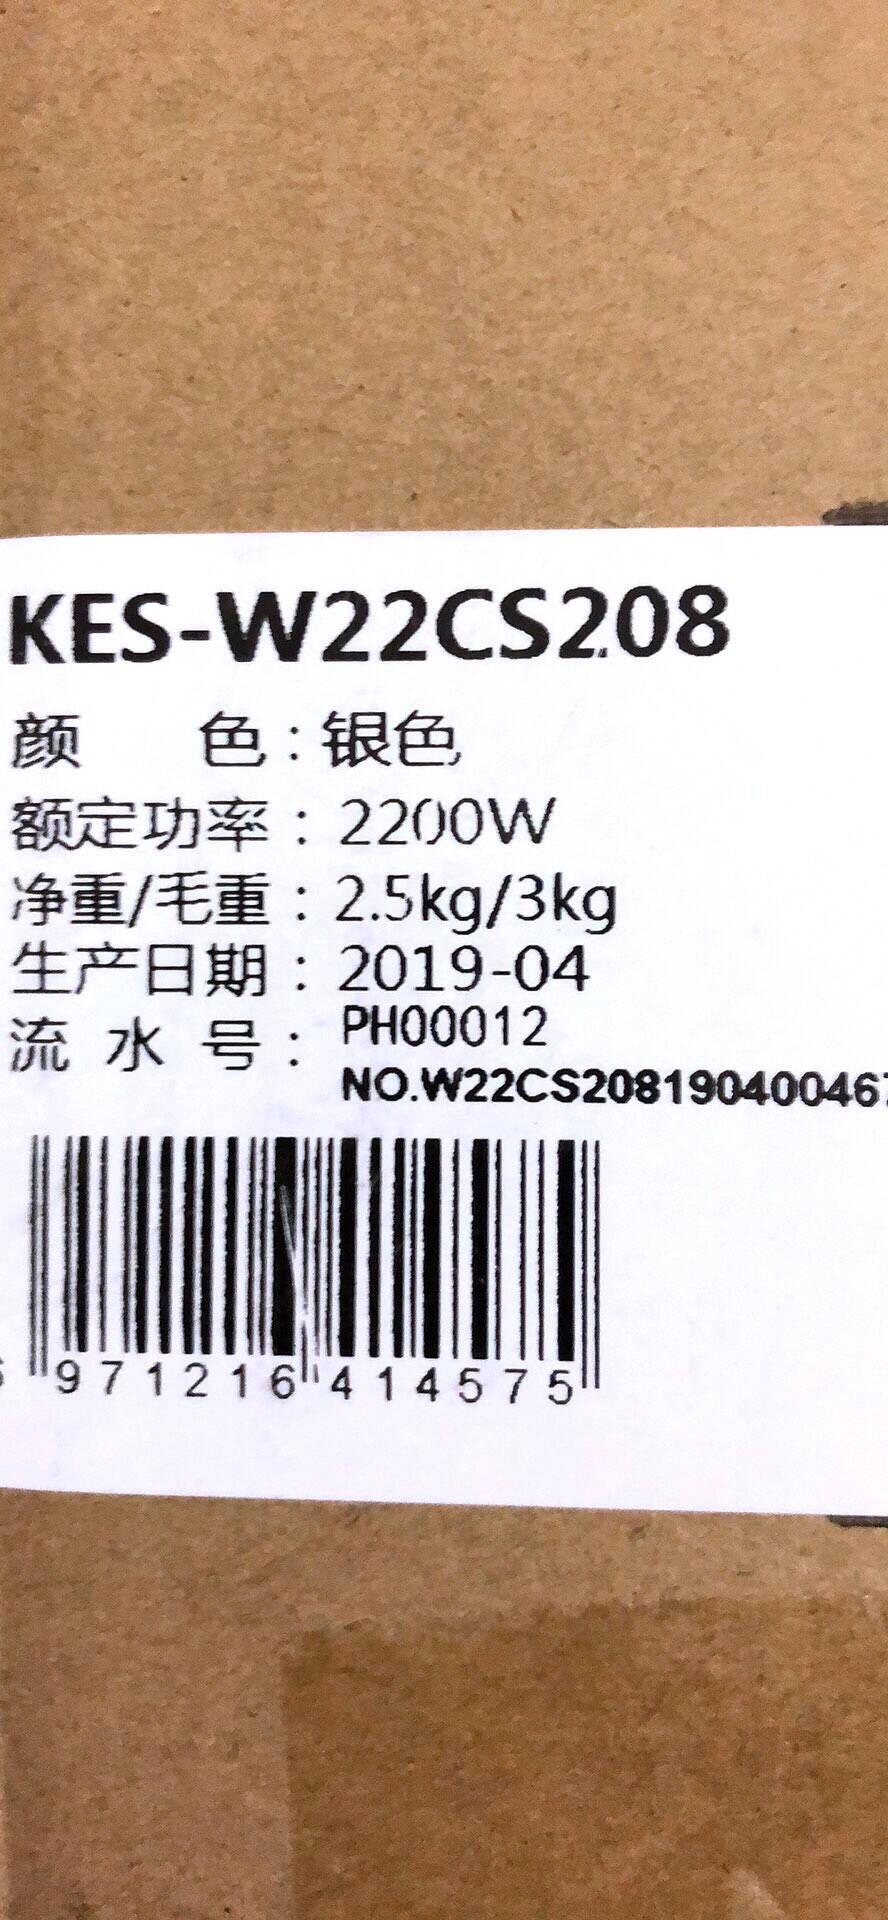 康佳(KONKA)电陶炉家用电磁炉电茶炉光波炉红外炉不挑锅大功率大号KES-W22CS208